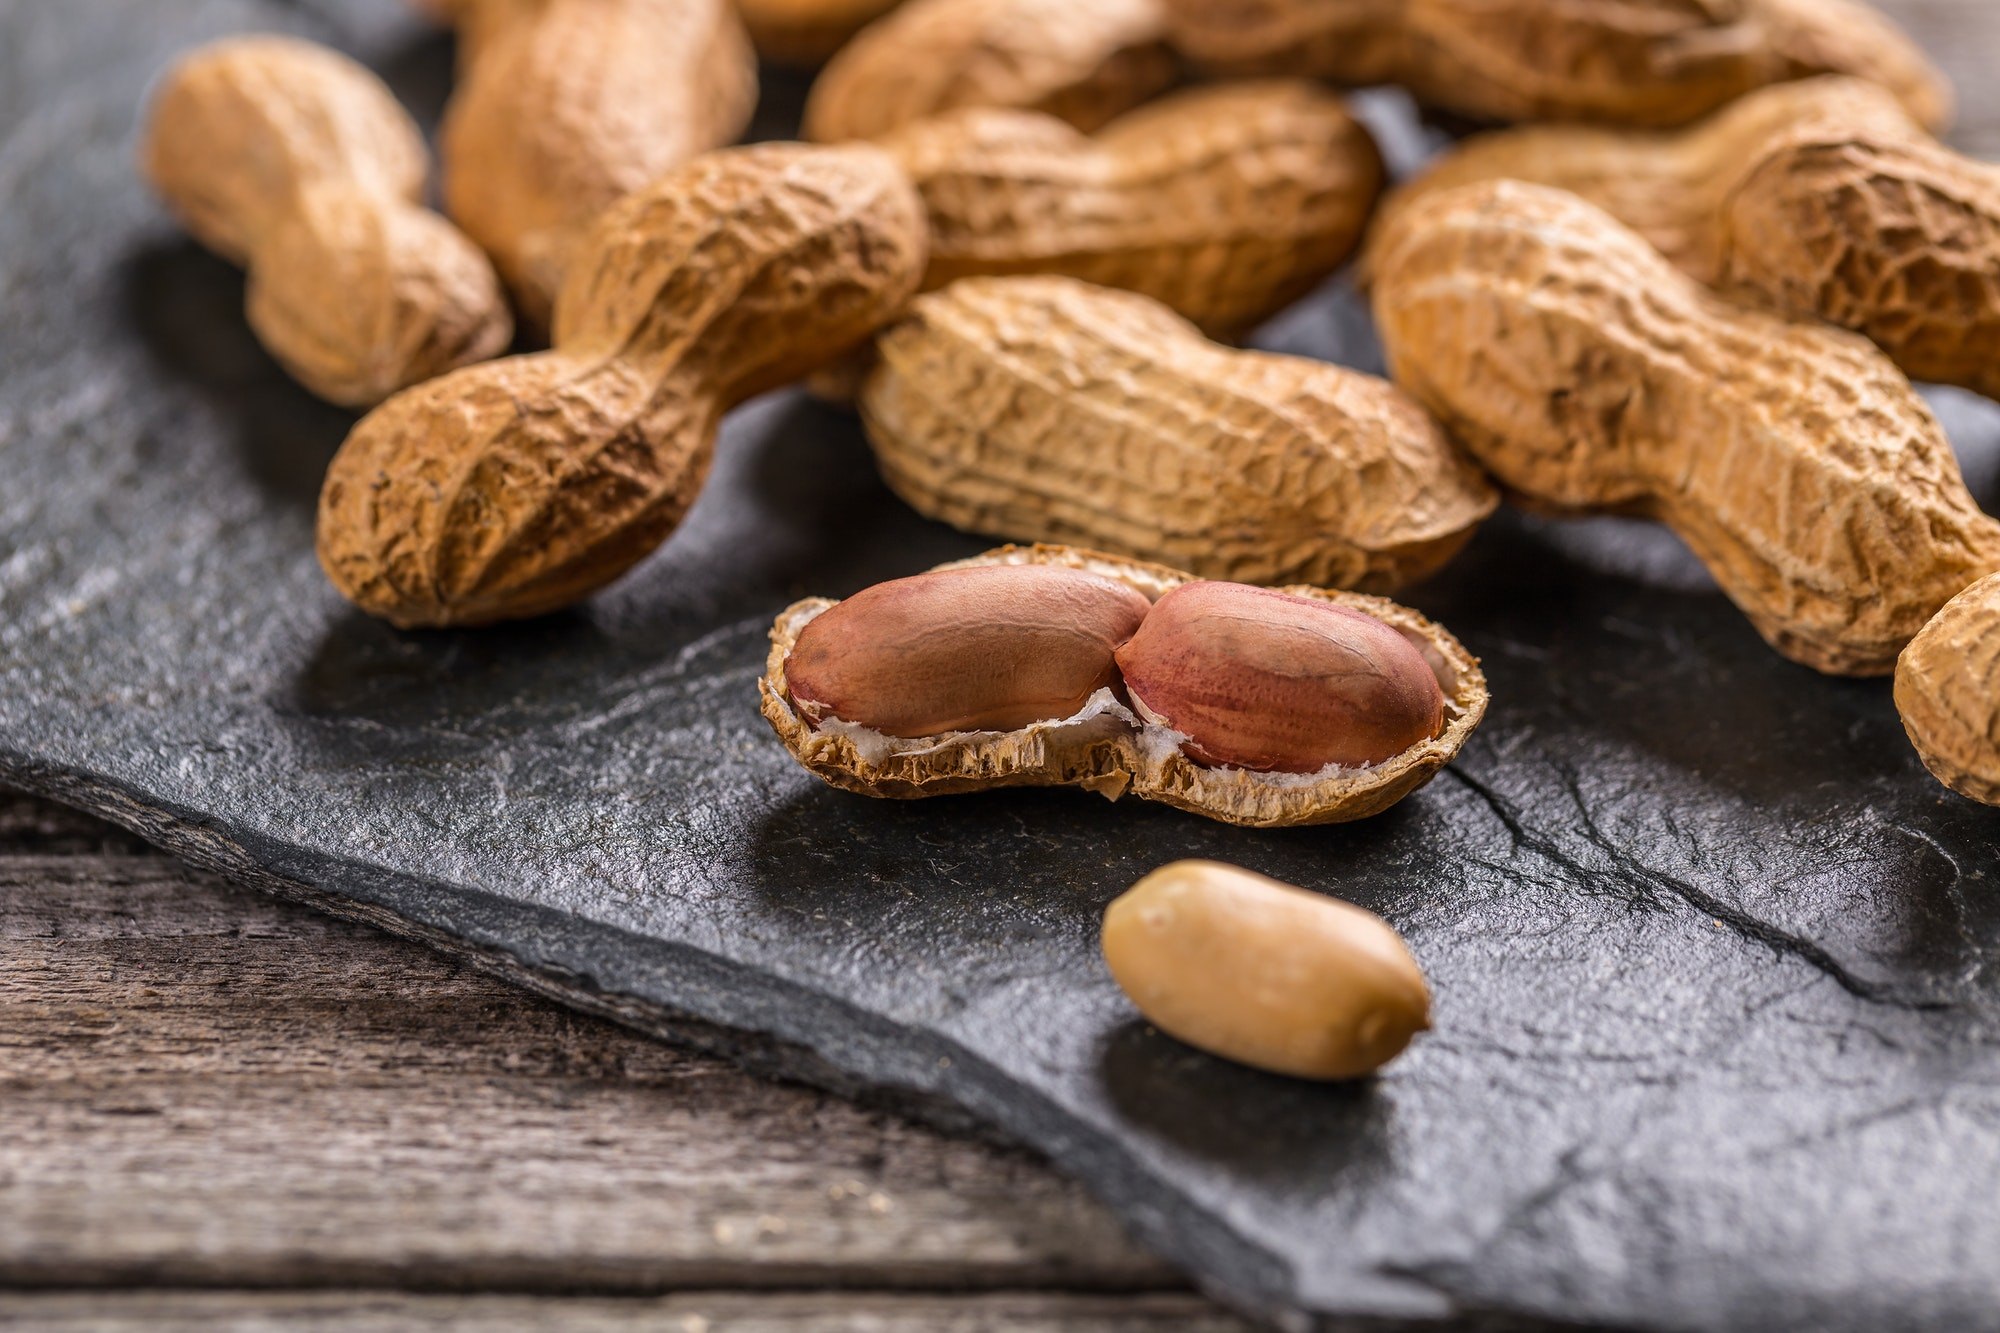 פיצוי של כ-180,000 ₪ בעקבות הגשת מאכל אלרגי באולם אירועים